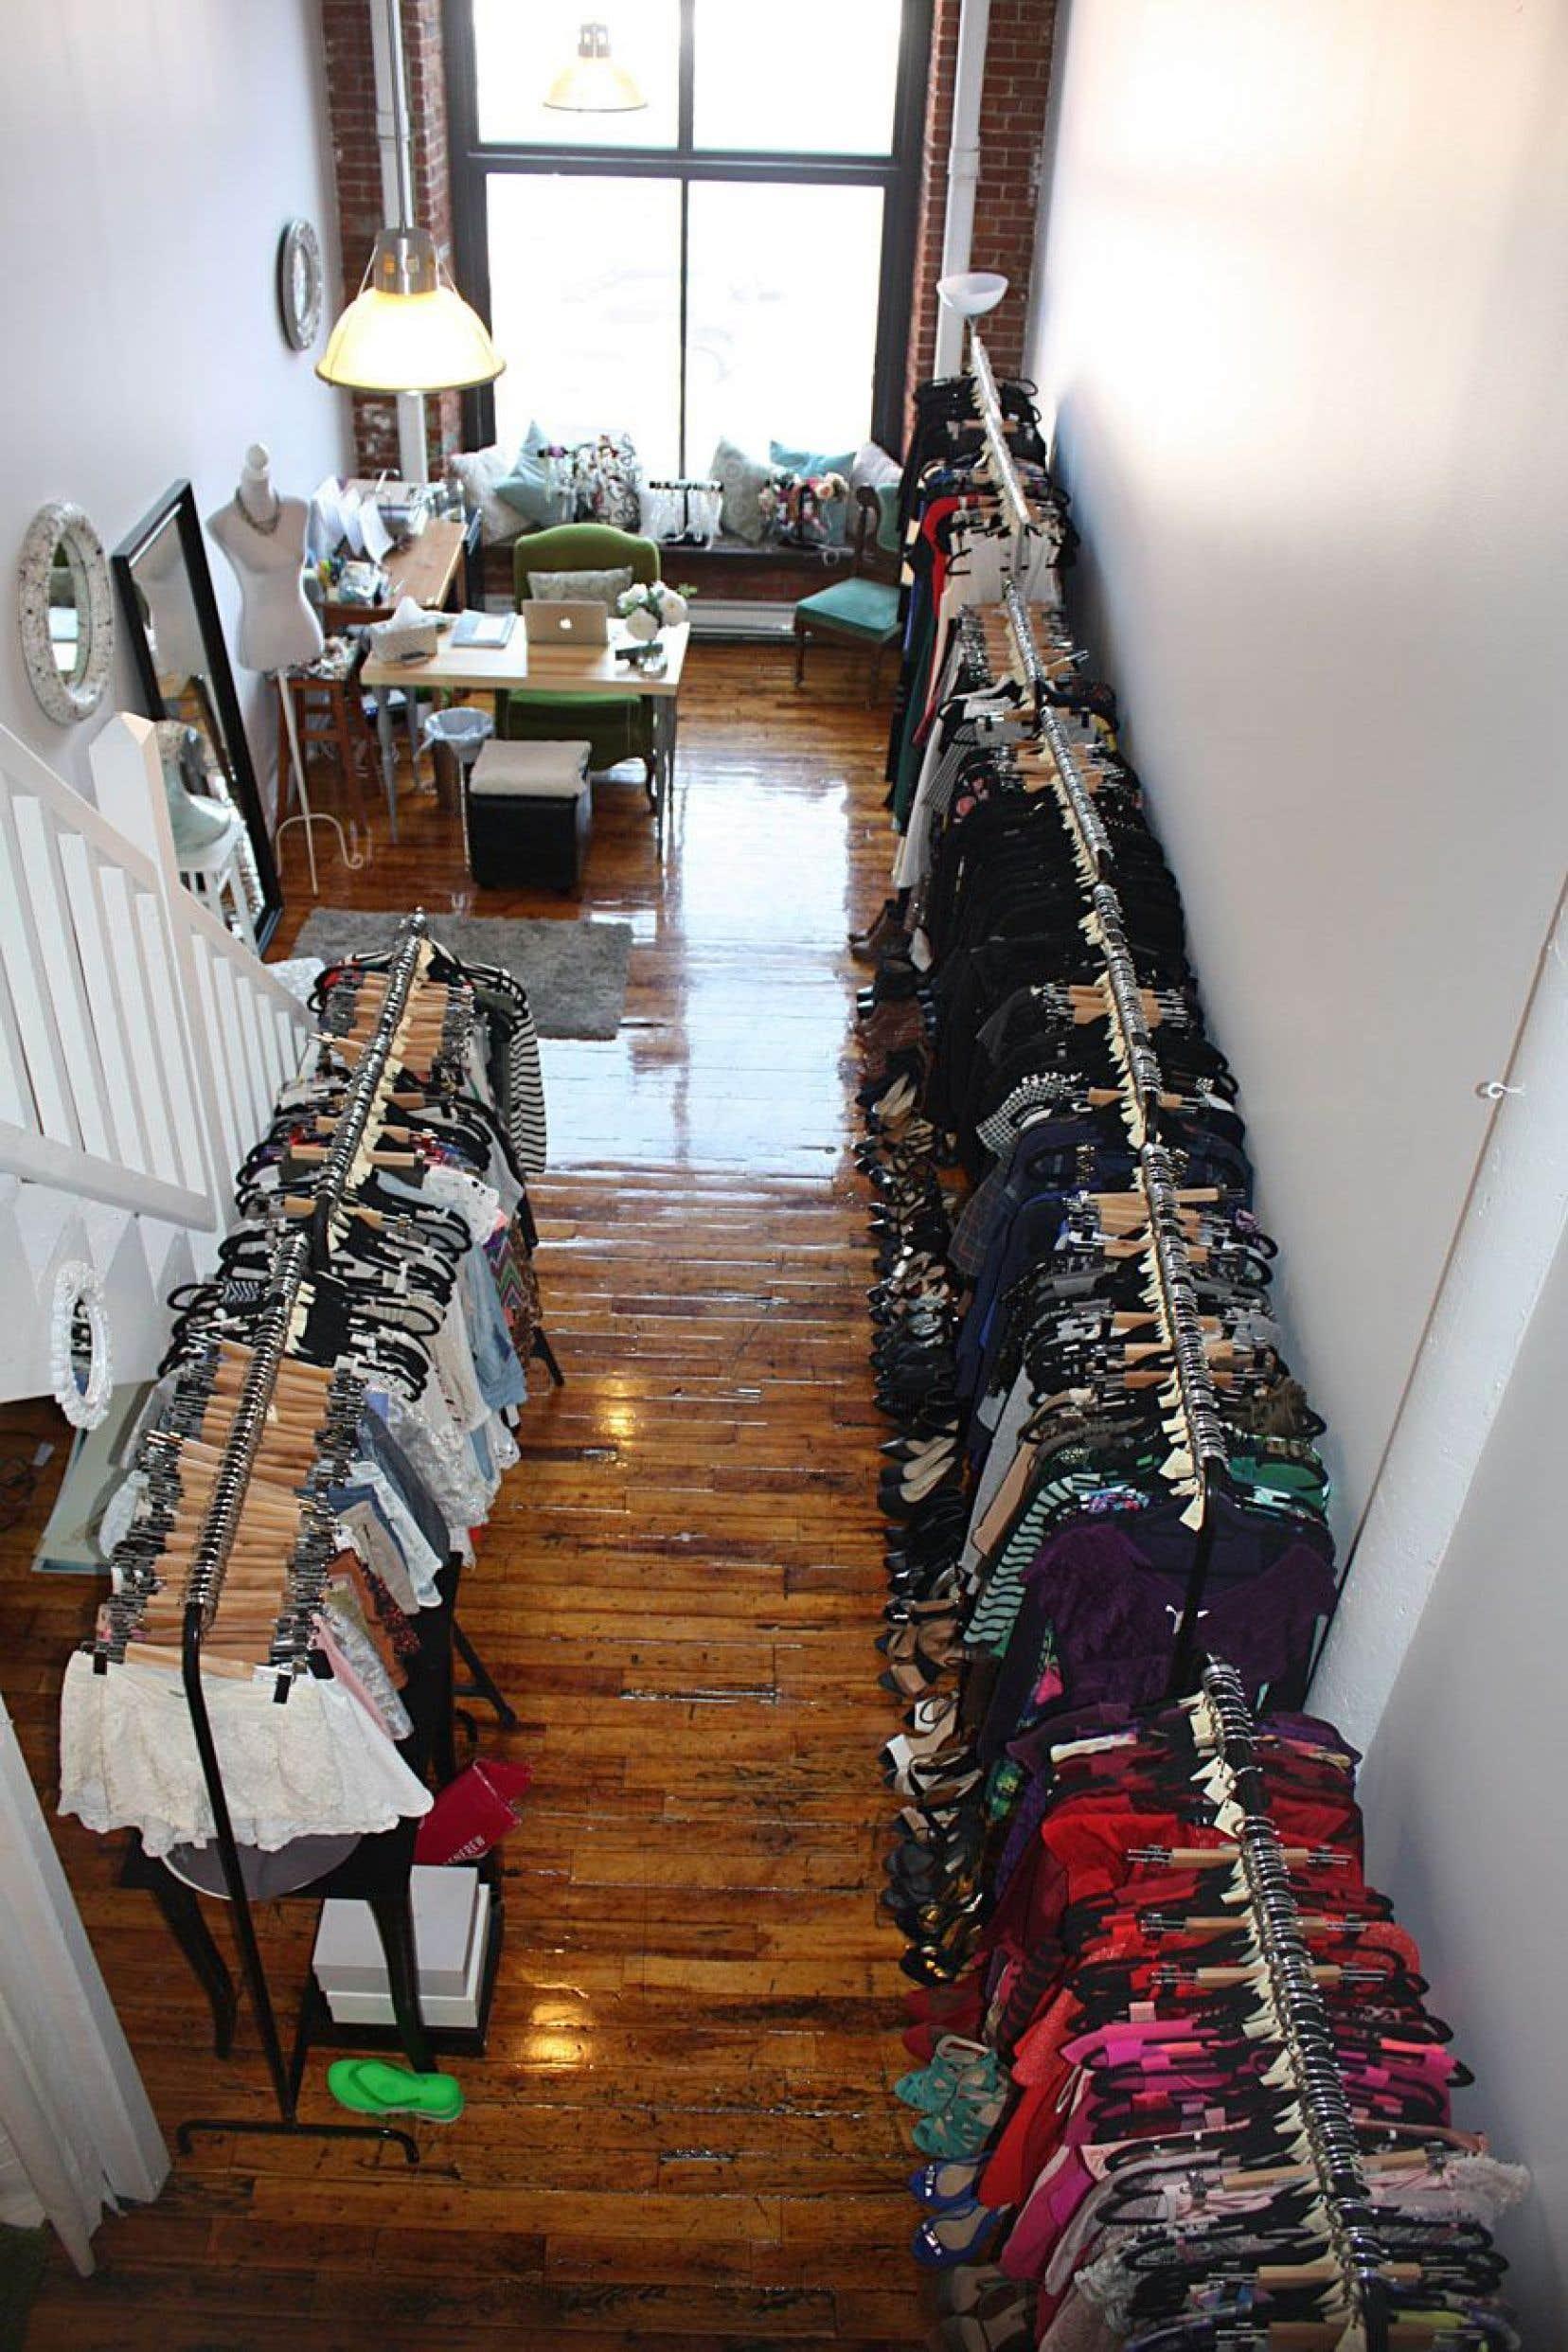 Vue sur l'intérieur de la boutique La petite robe noire